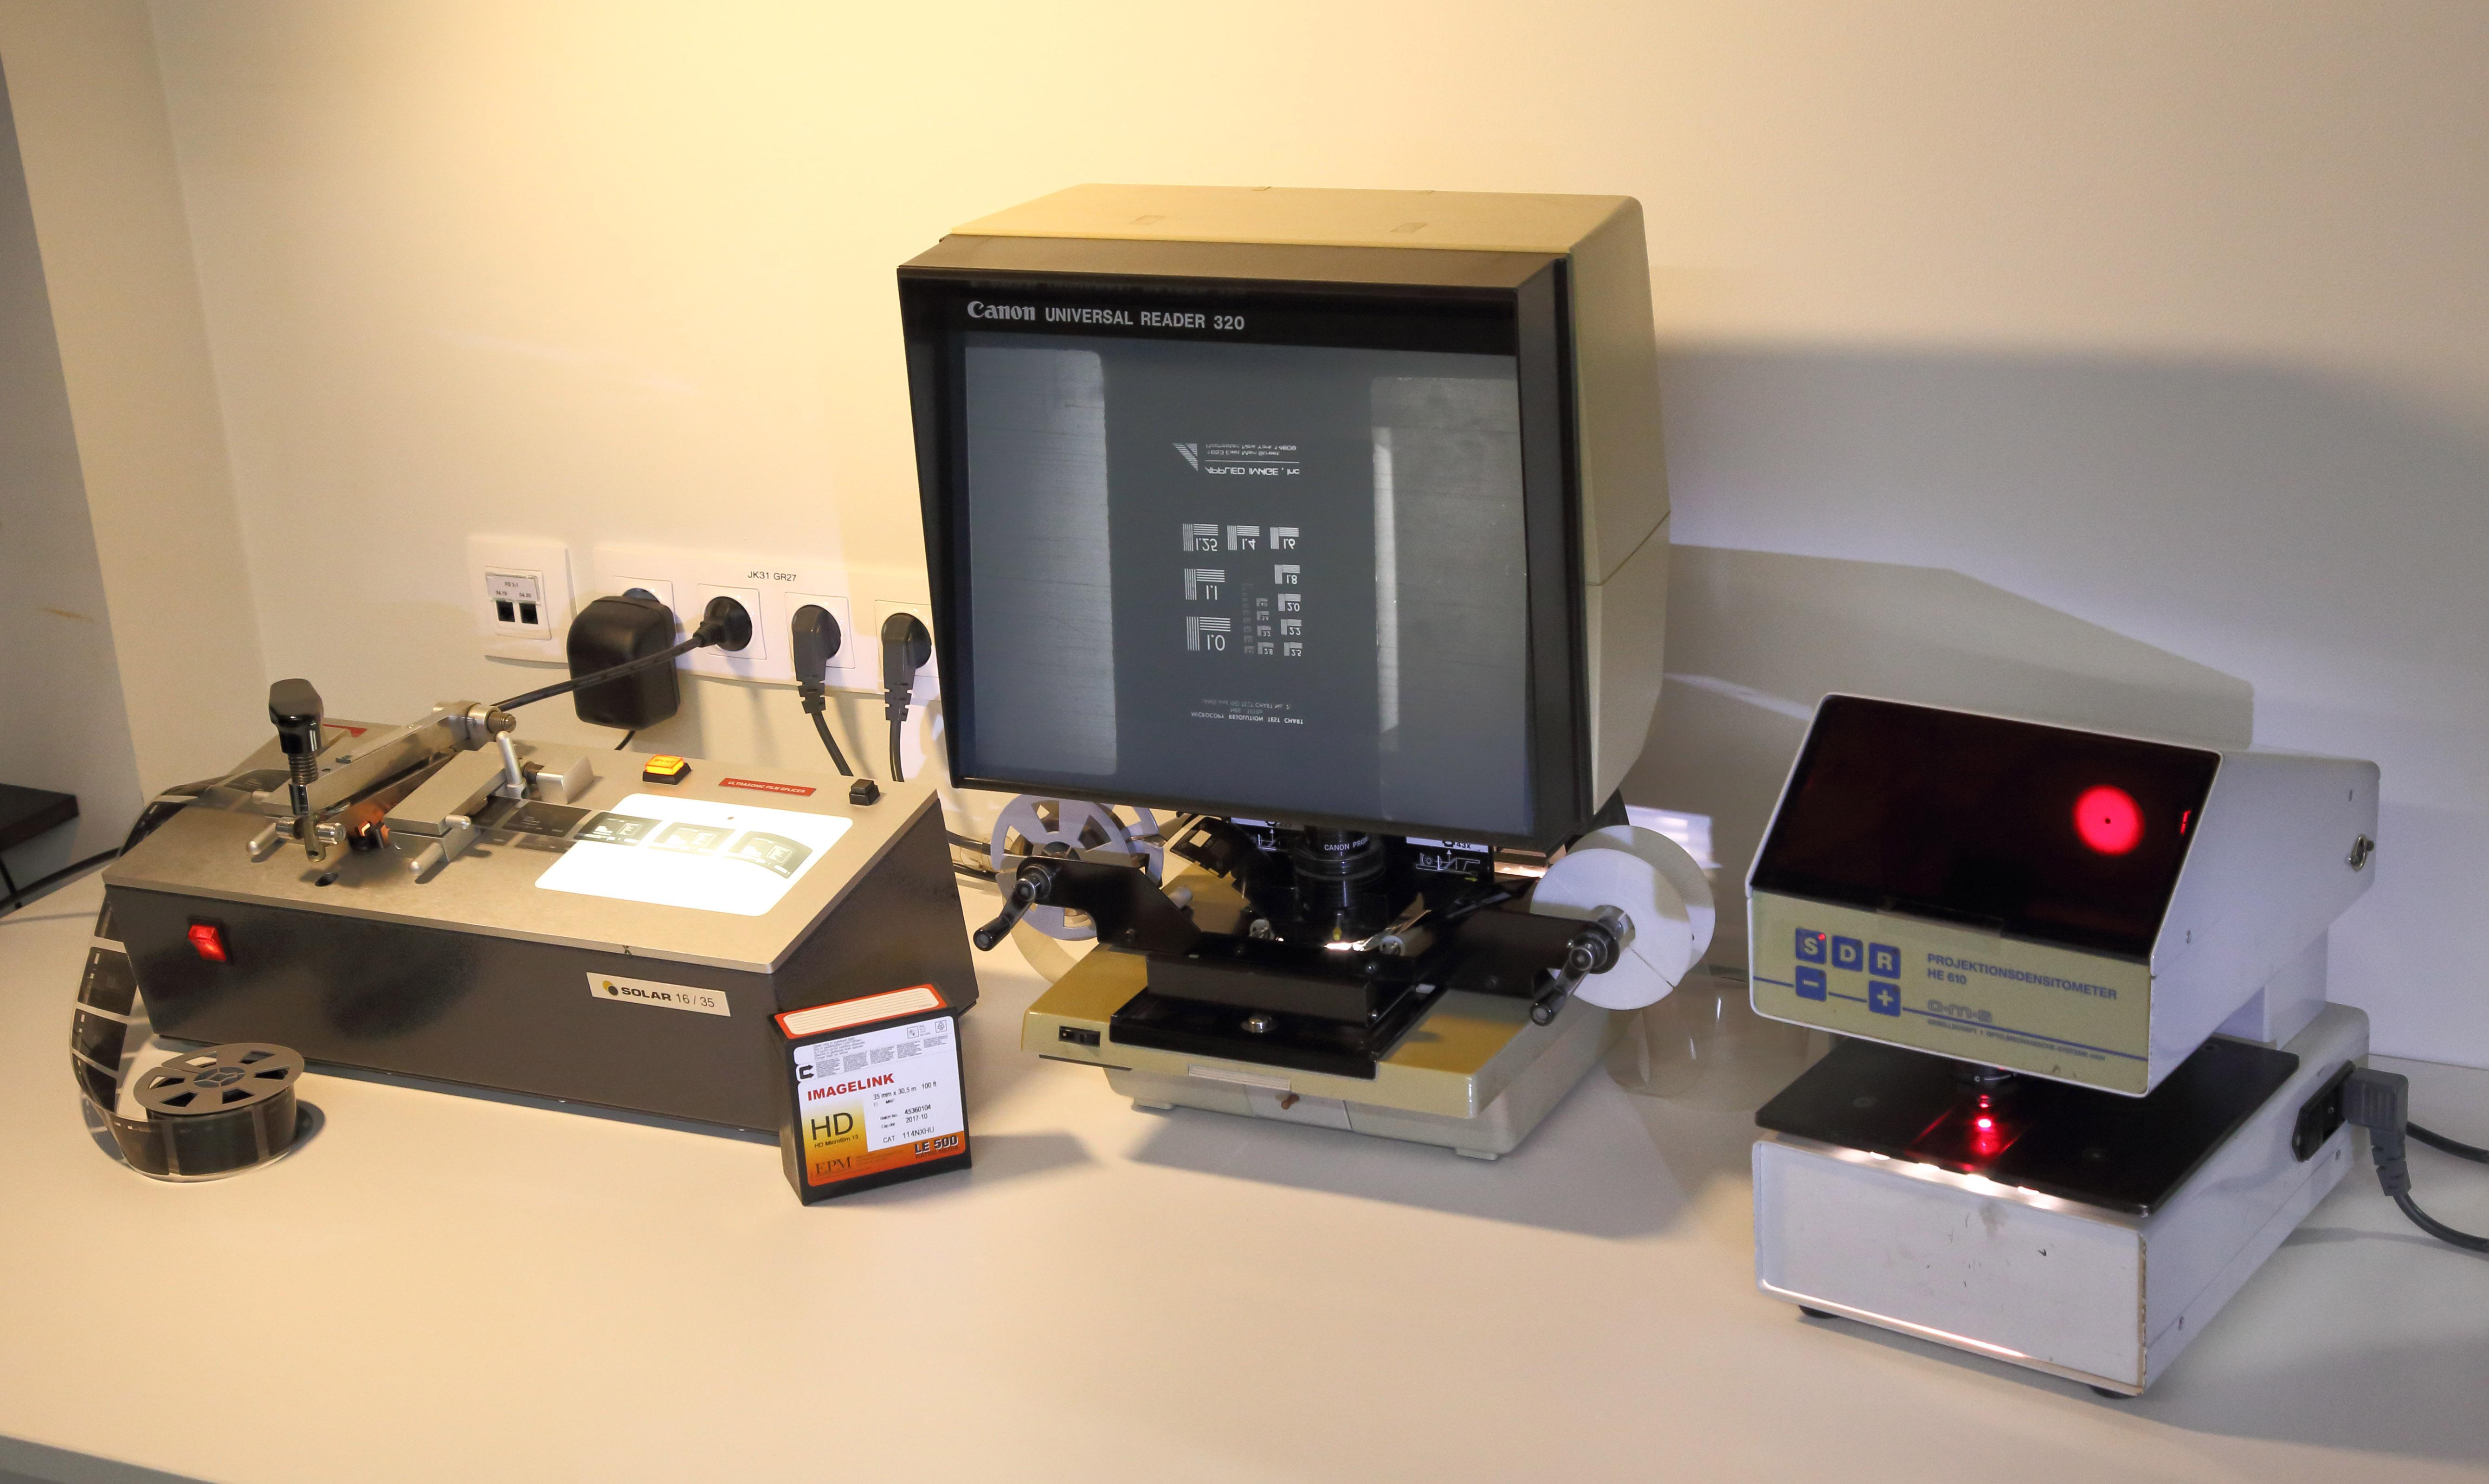 mikrofilmide-kvaliteedi-kontrollimiseks-ja-filmide-loikamiseks-parandamiseks-kasutatavad-seadmed